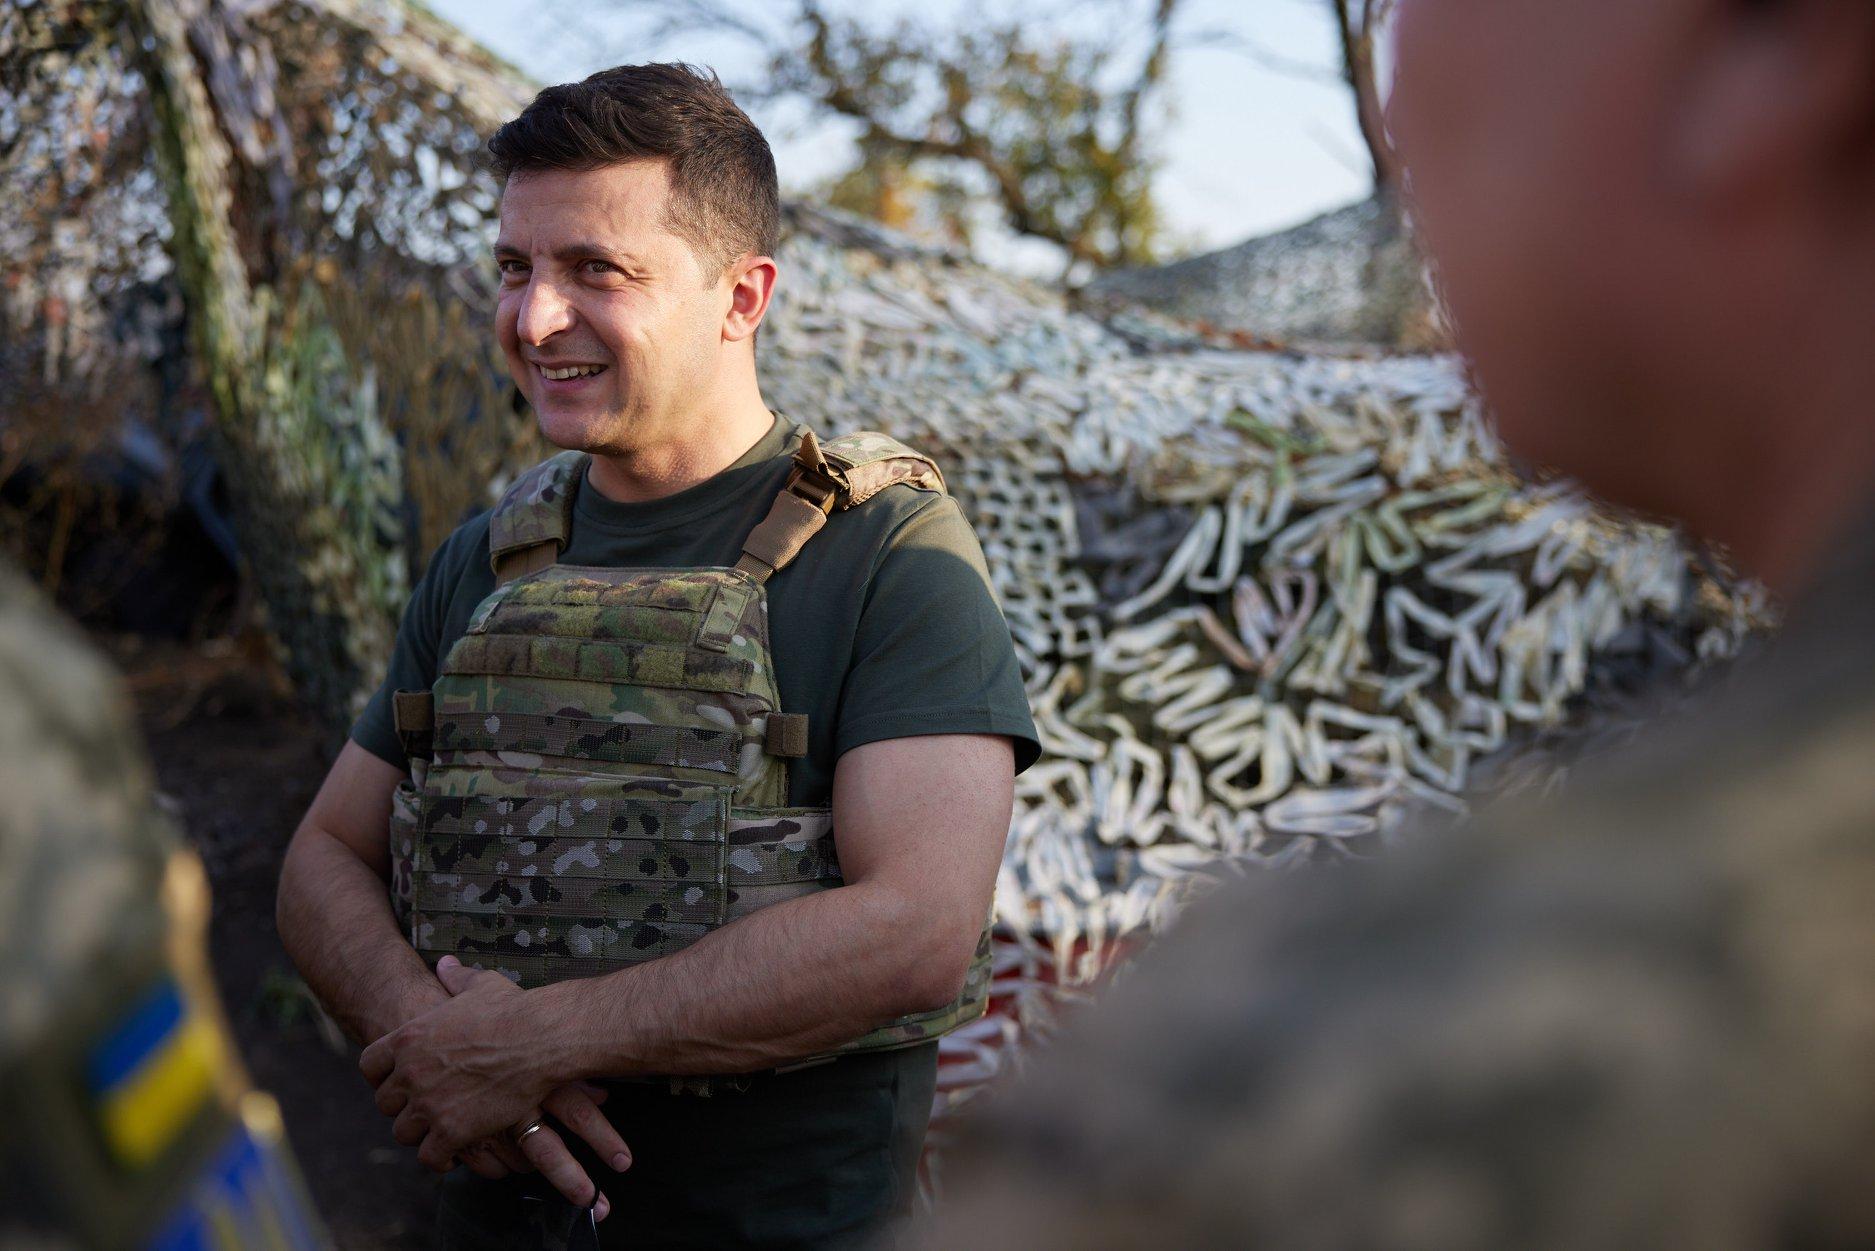 Зеленский рассказал, что стороны договариваются о перемирии на Донбассе во время Пасхи